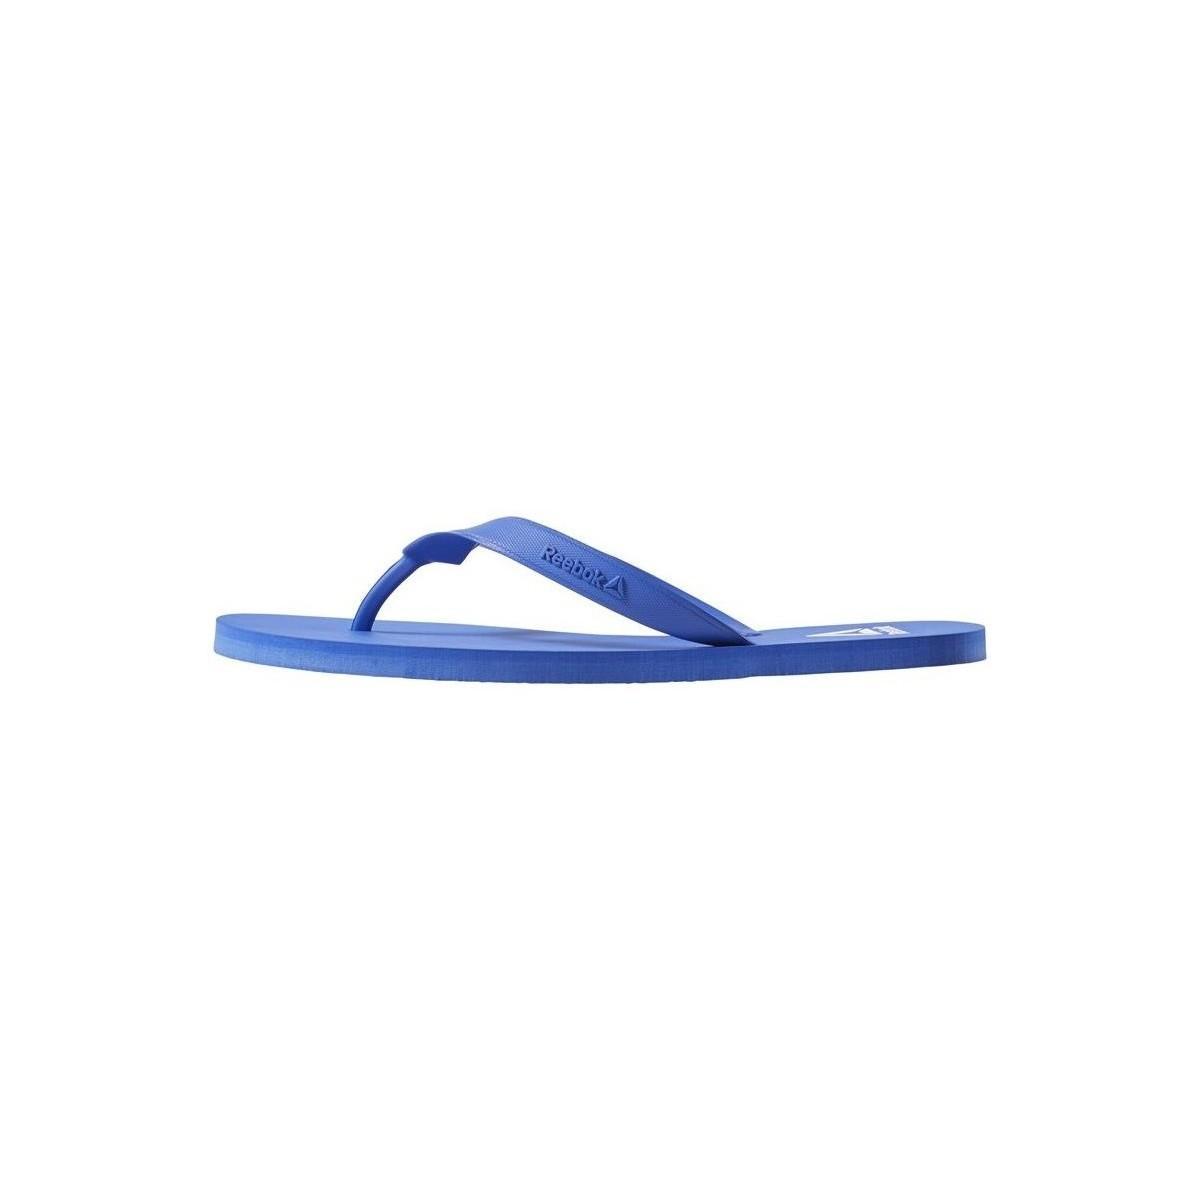 27ce3f47b2e70 Reebok Cash Flip Men s Flip Flops   Sandals (shoes) In Blue in Blue ...